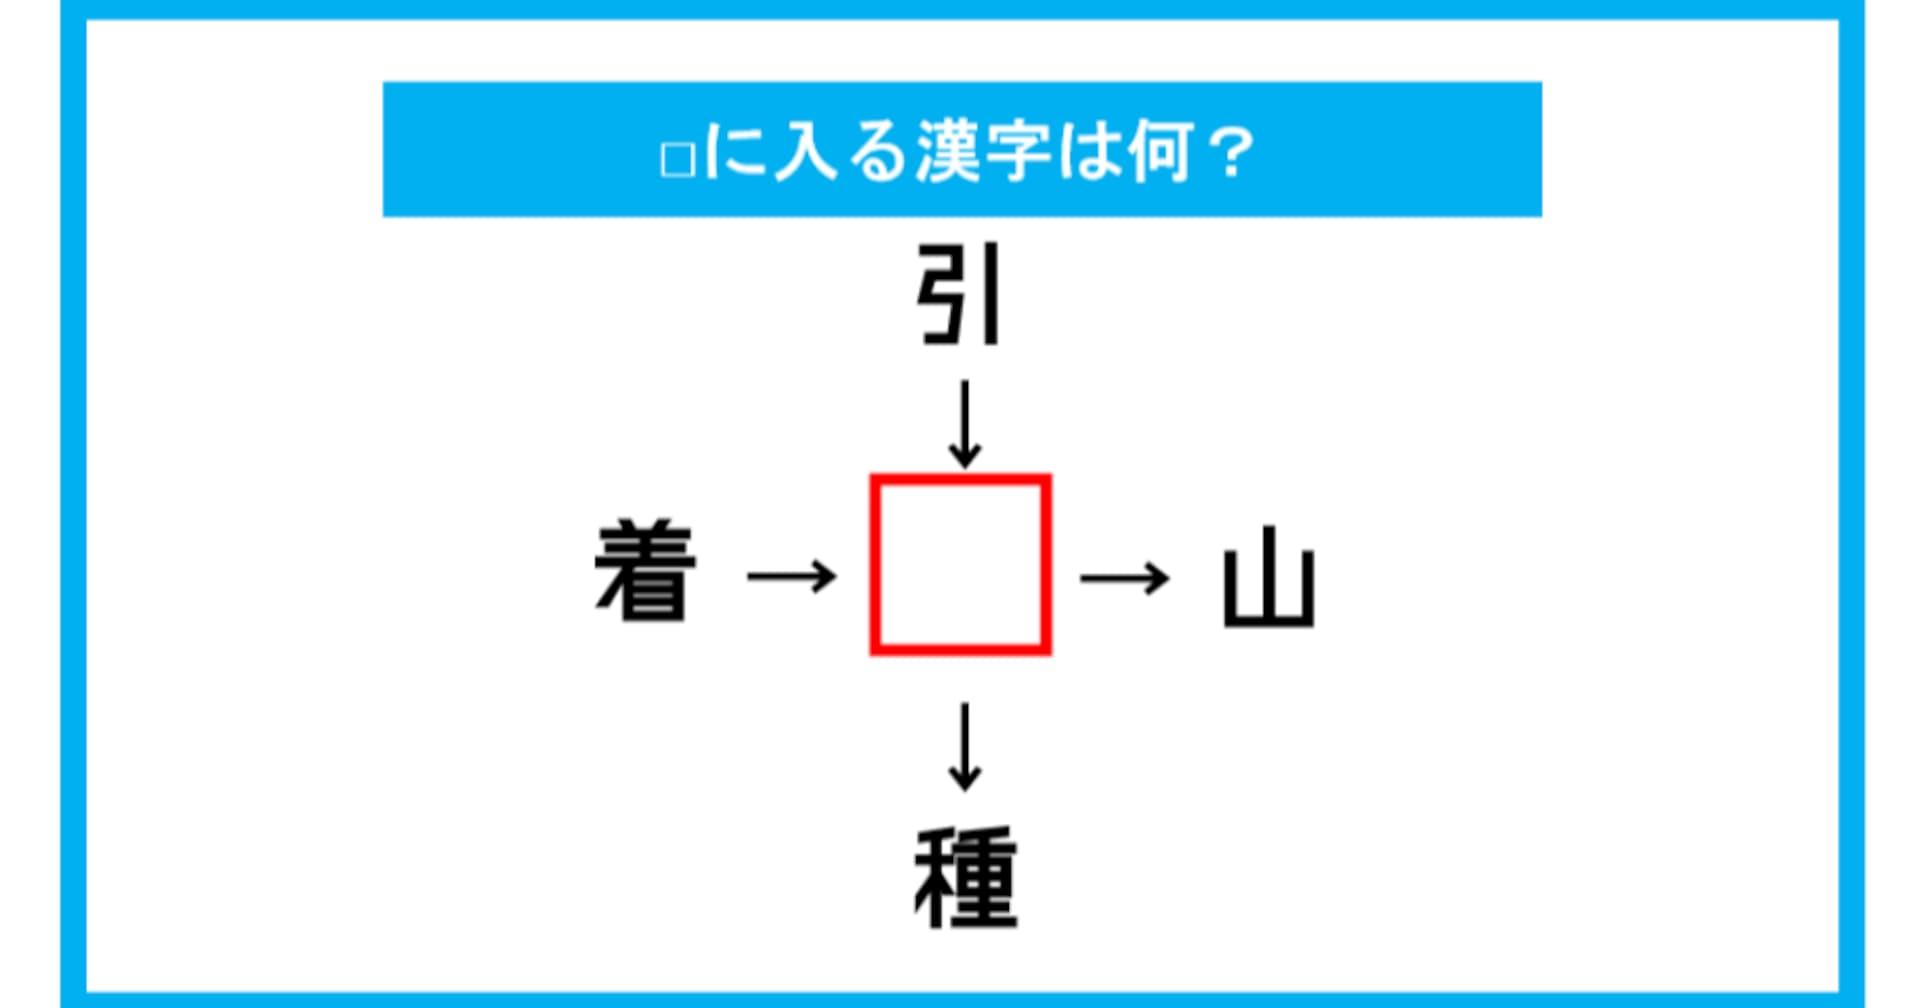 【漢字穴埋めクイズ】□に入る漢字は何?(第124問)